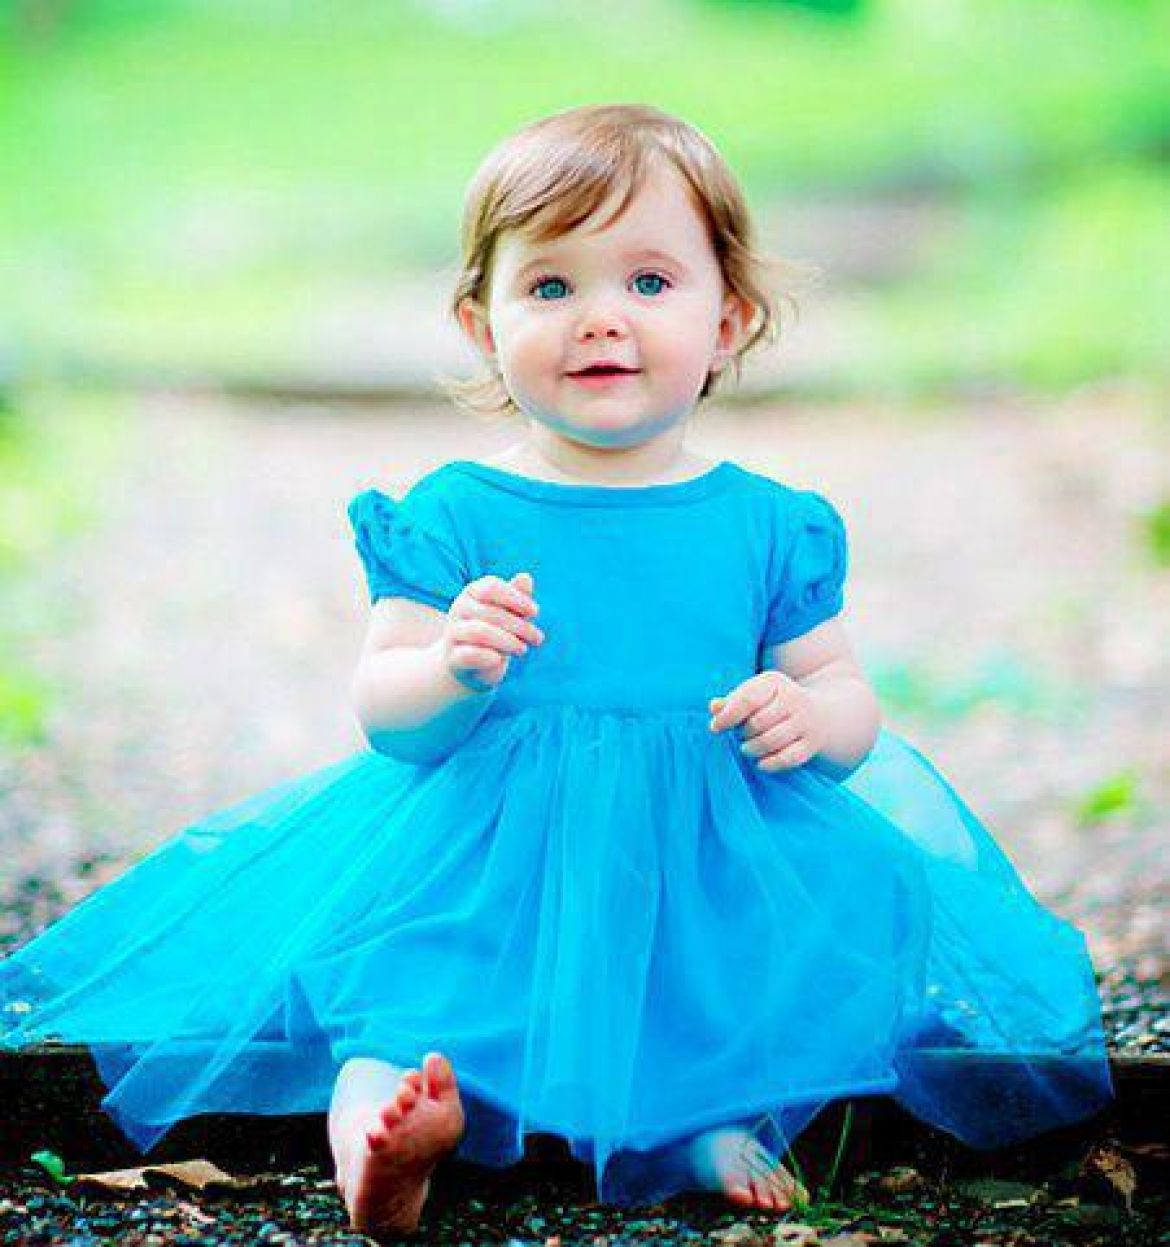 بالصور اجمل اطفال في العالم , صور اطفال جميله جدا حول العالم 2603 3